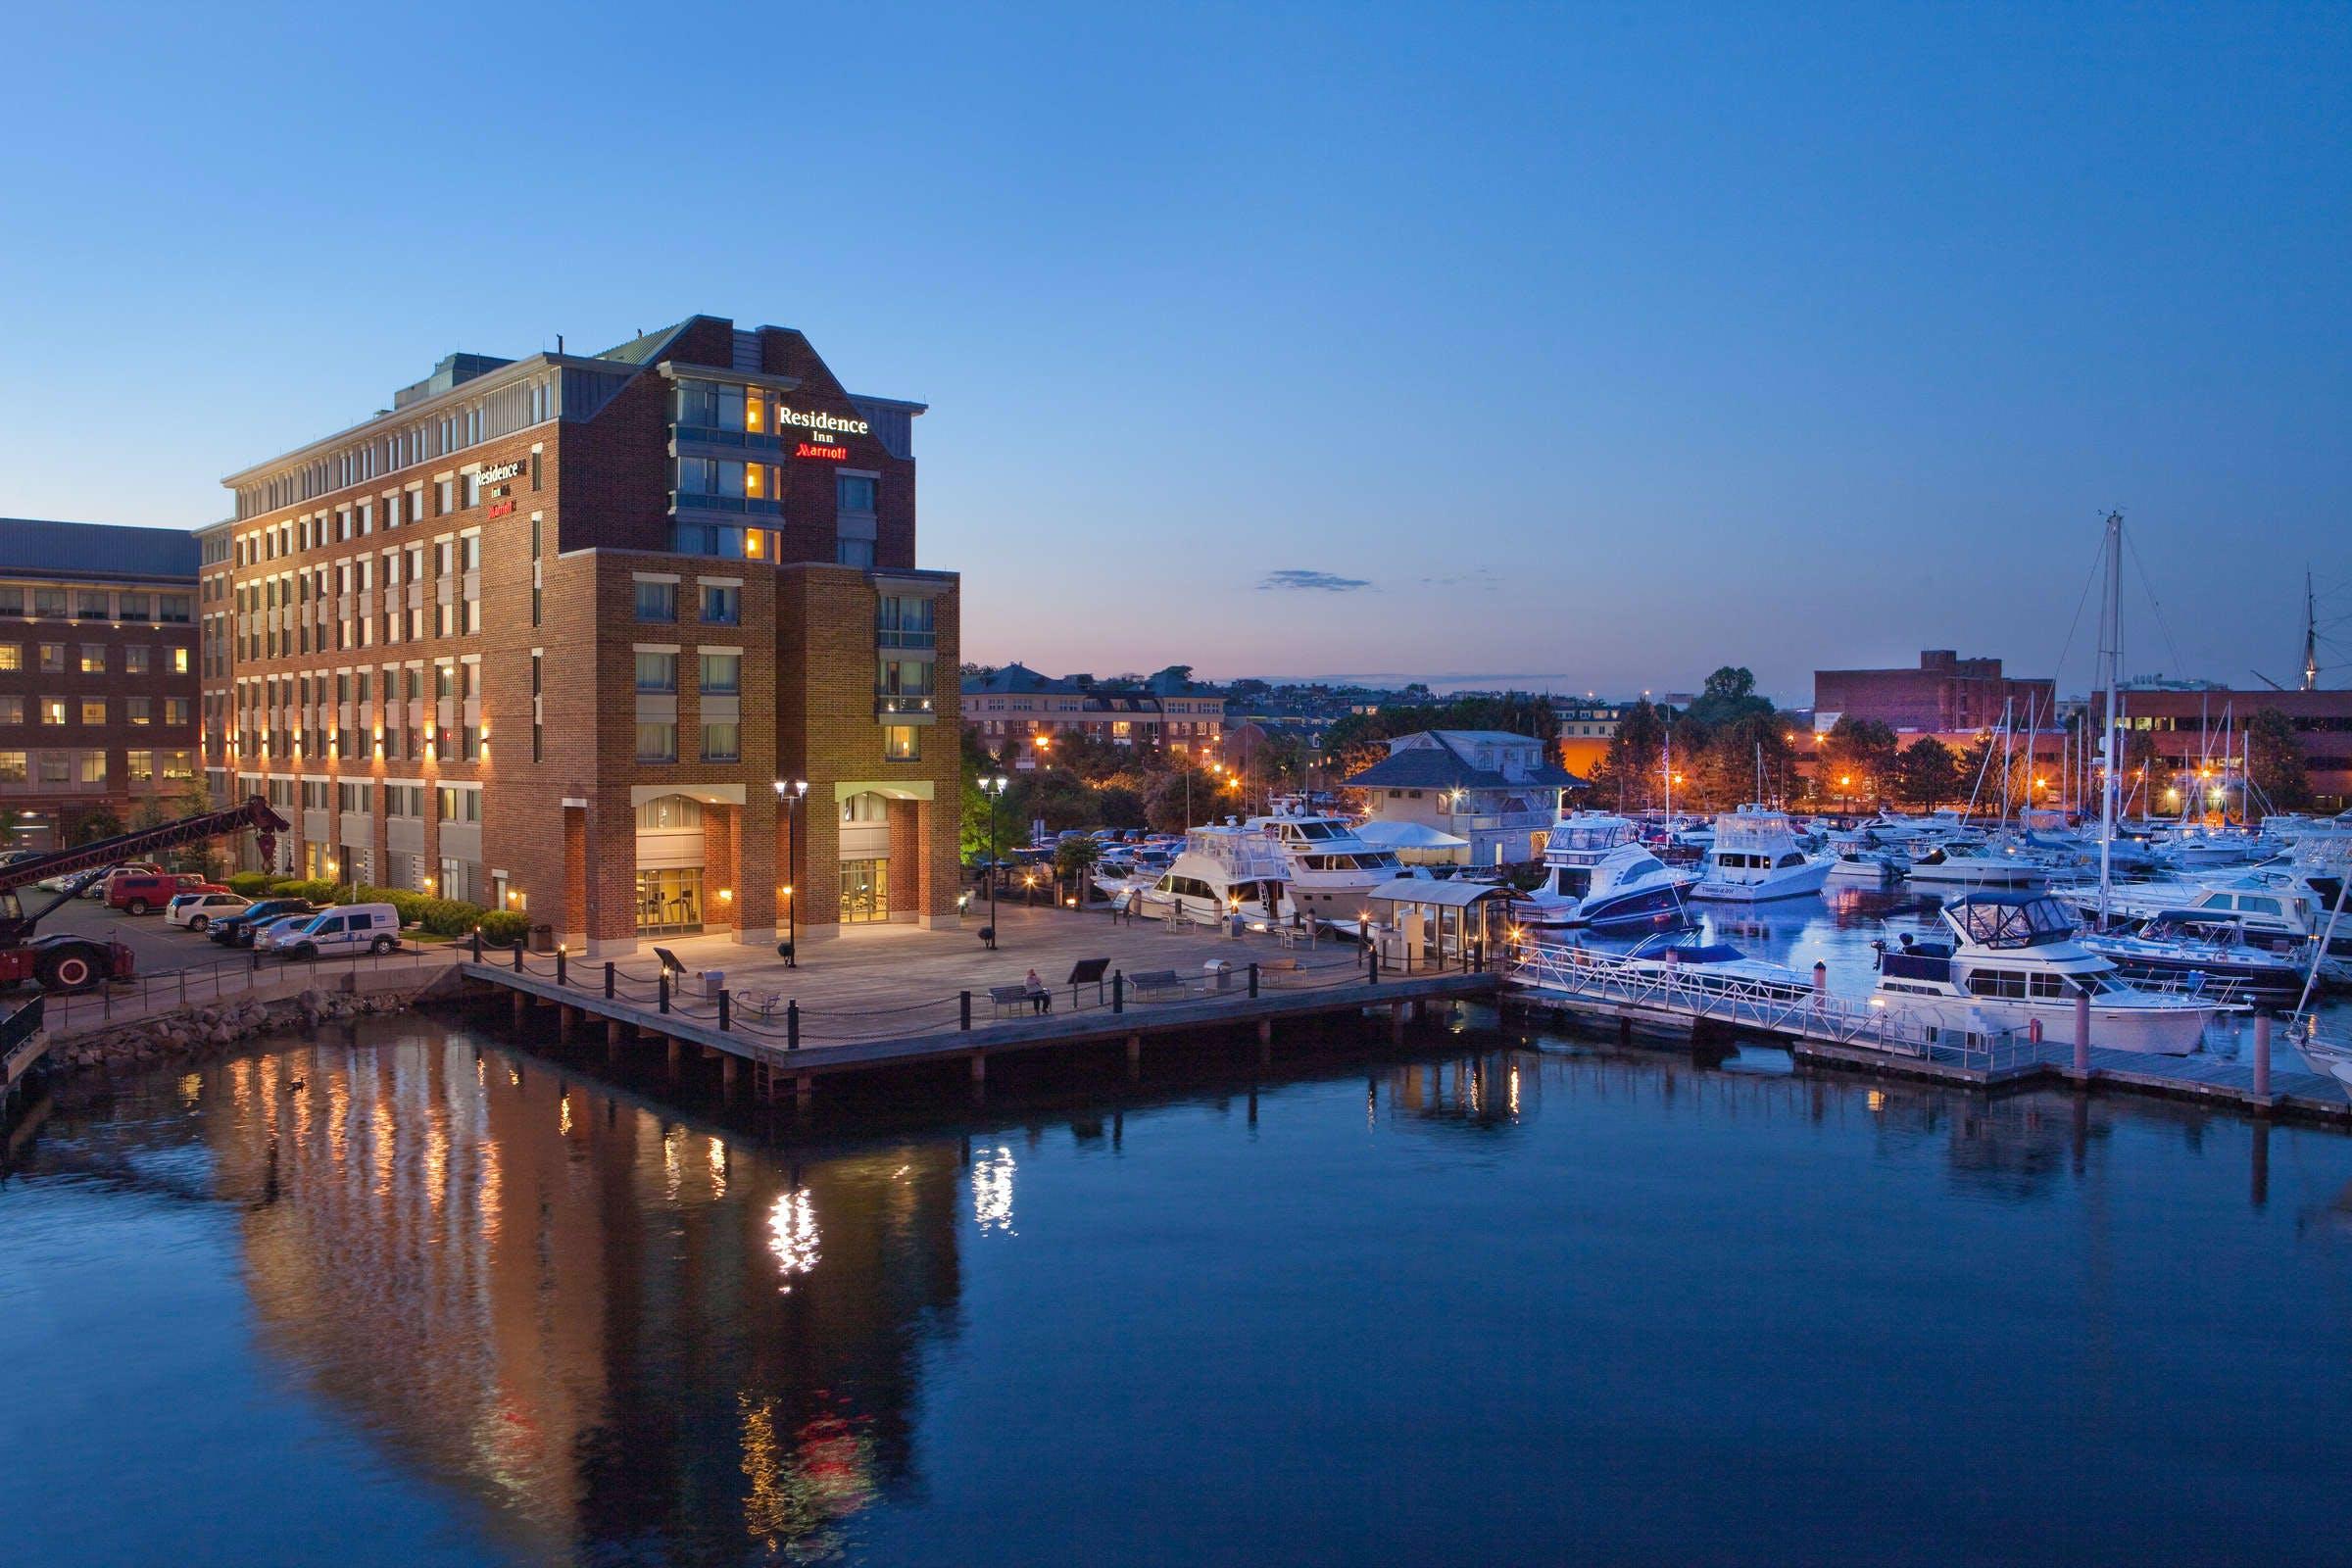 Residence Inn Tudor Wharf